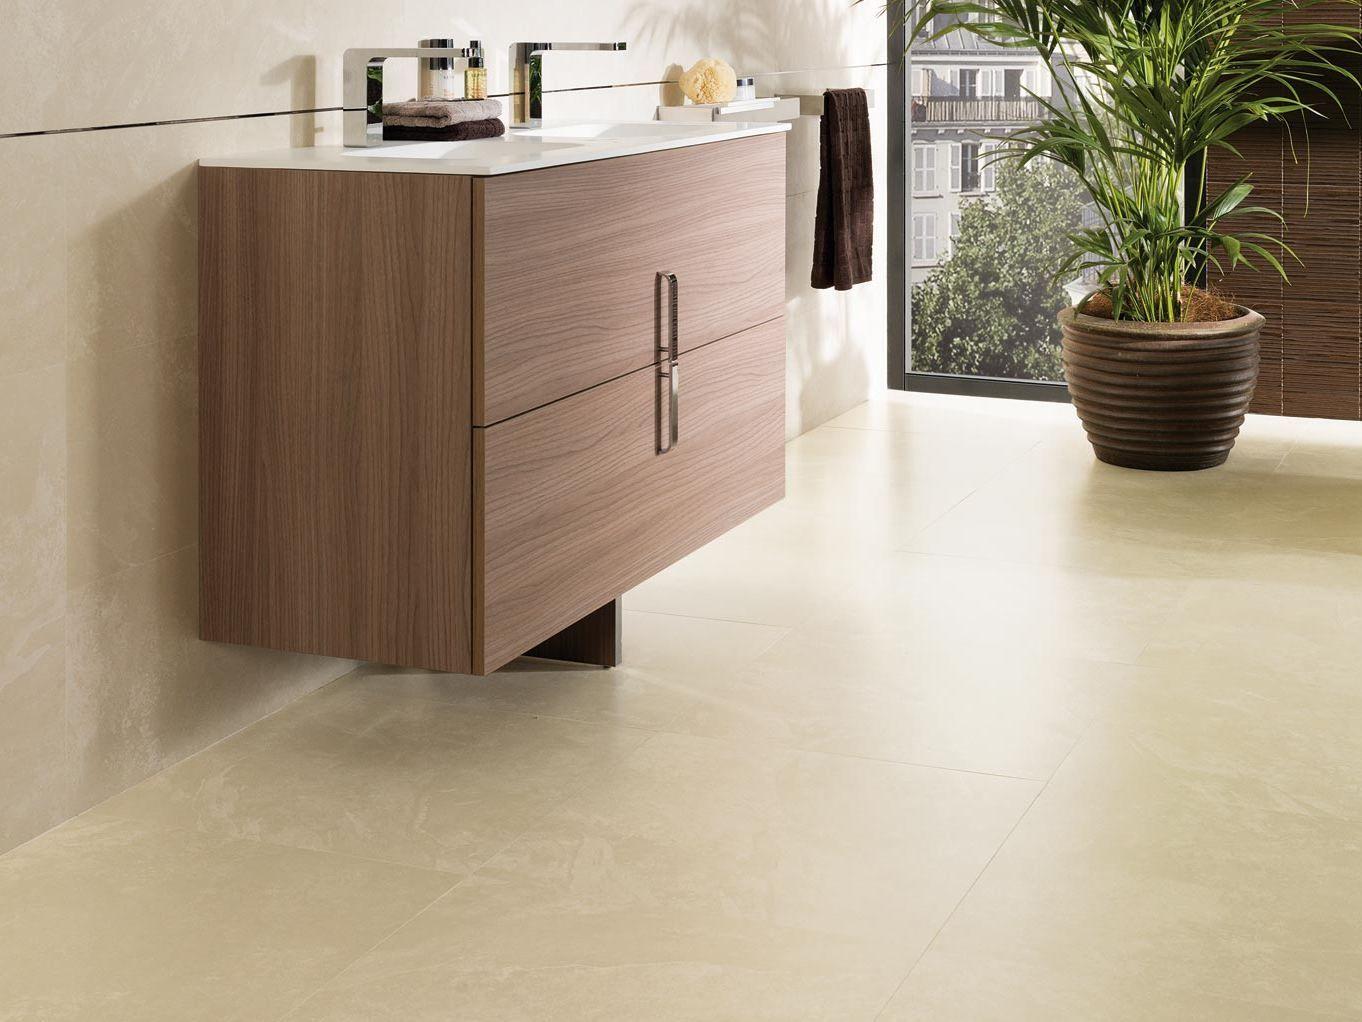 Wall floor tiles ston ker natal ston ker collection by porcelanosa for Porcelanosa floor tiles